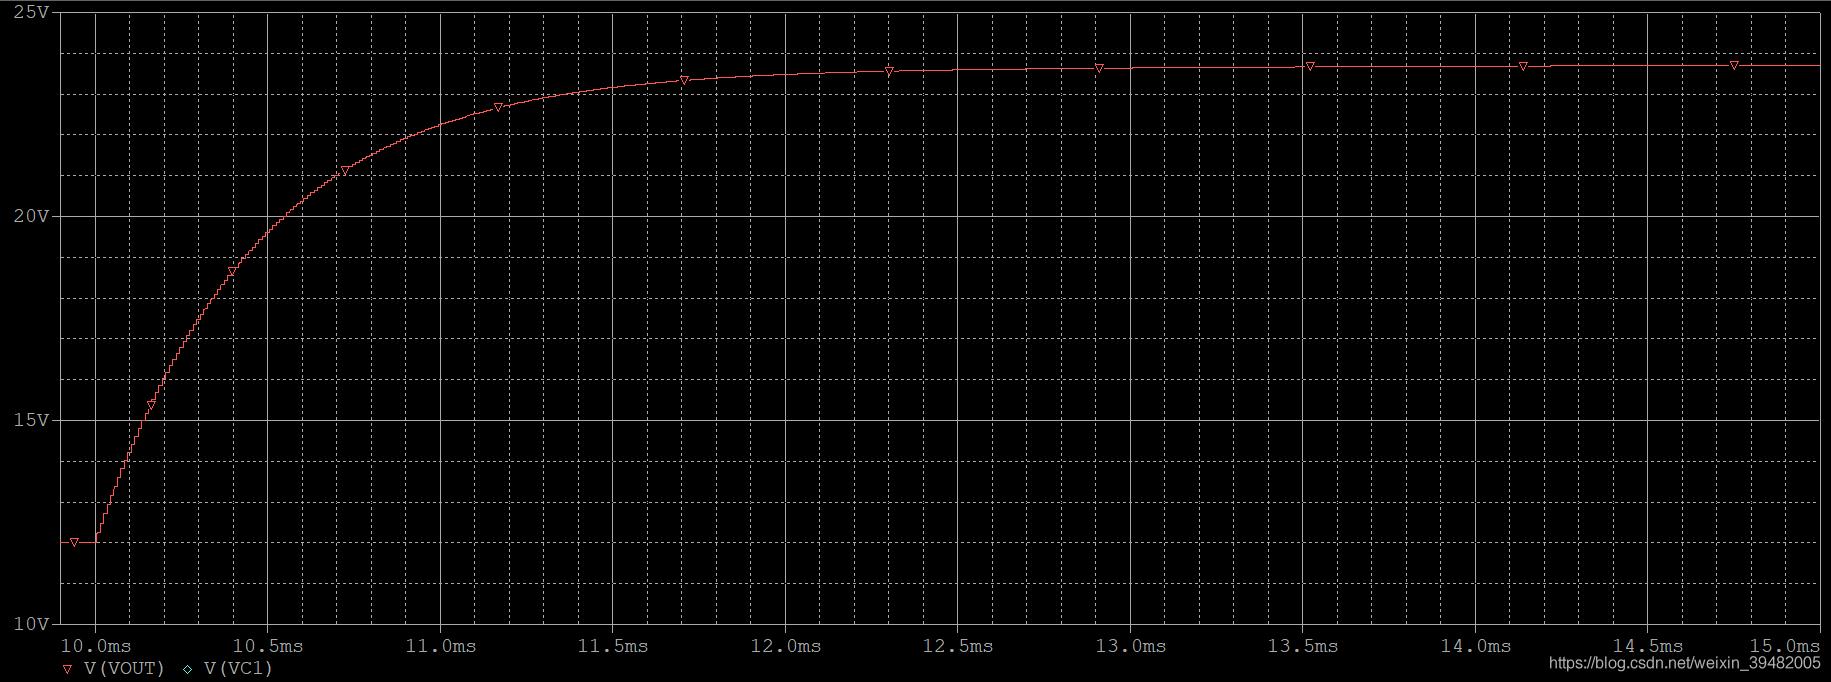 图4 Vout的电压波形